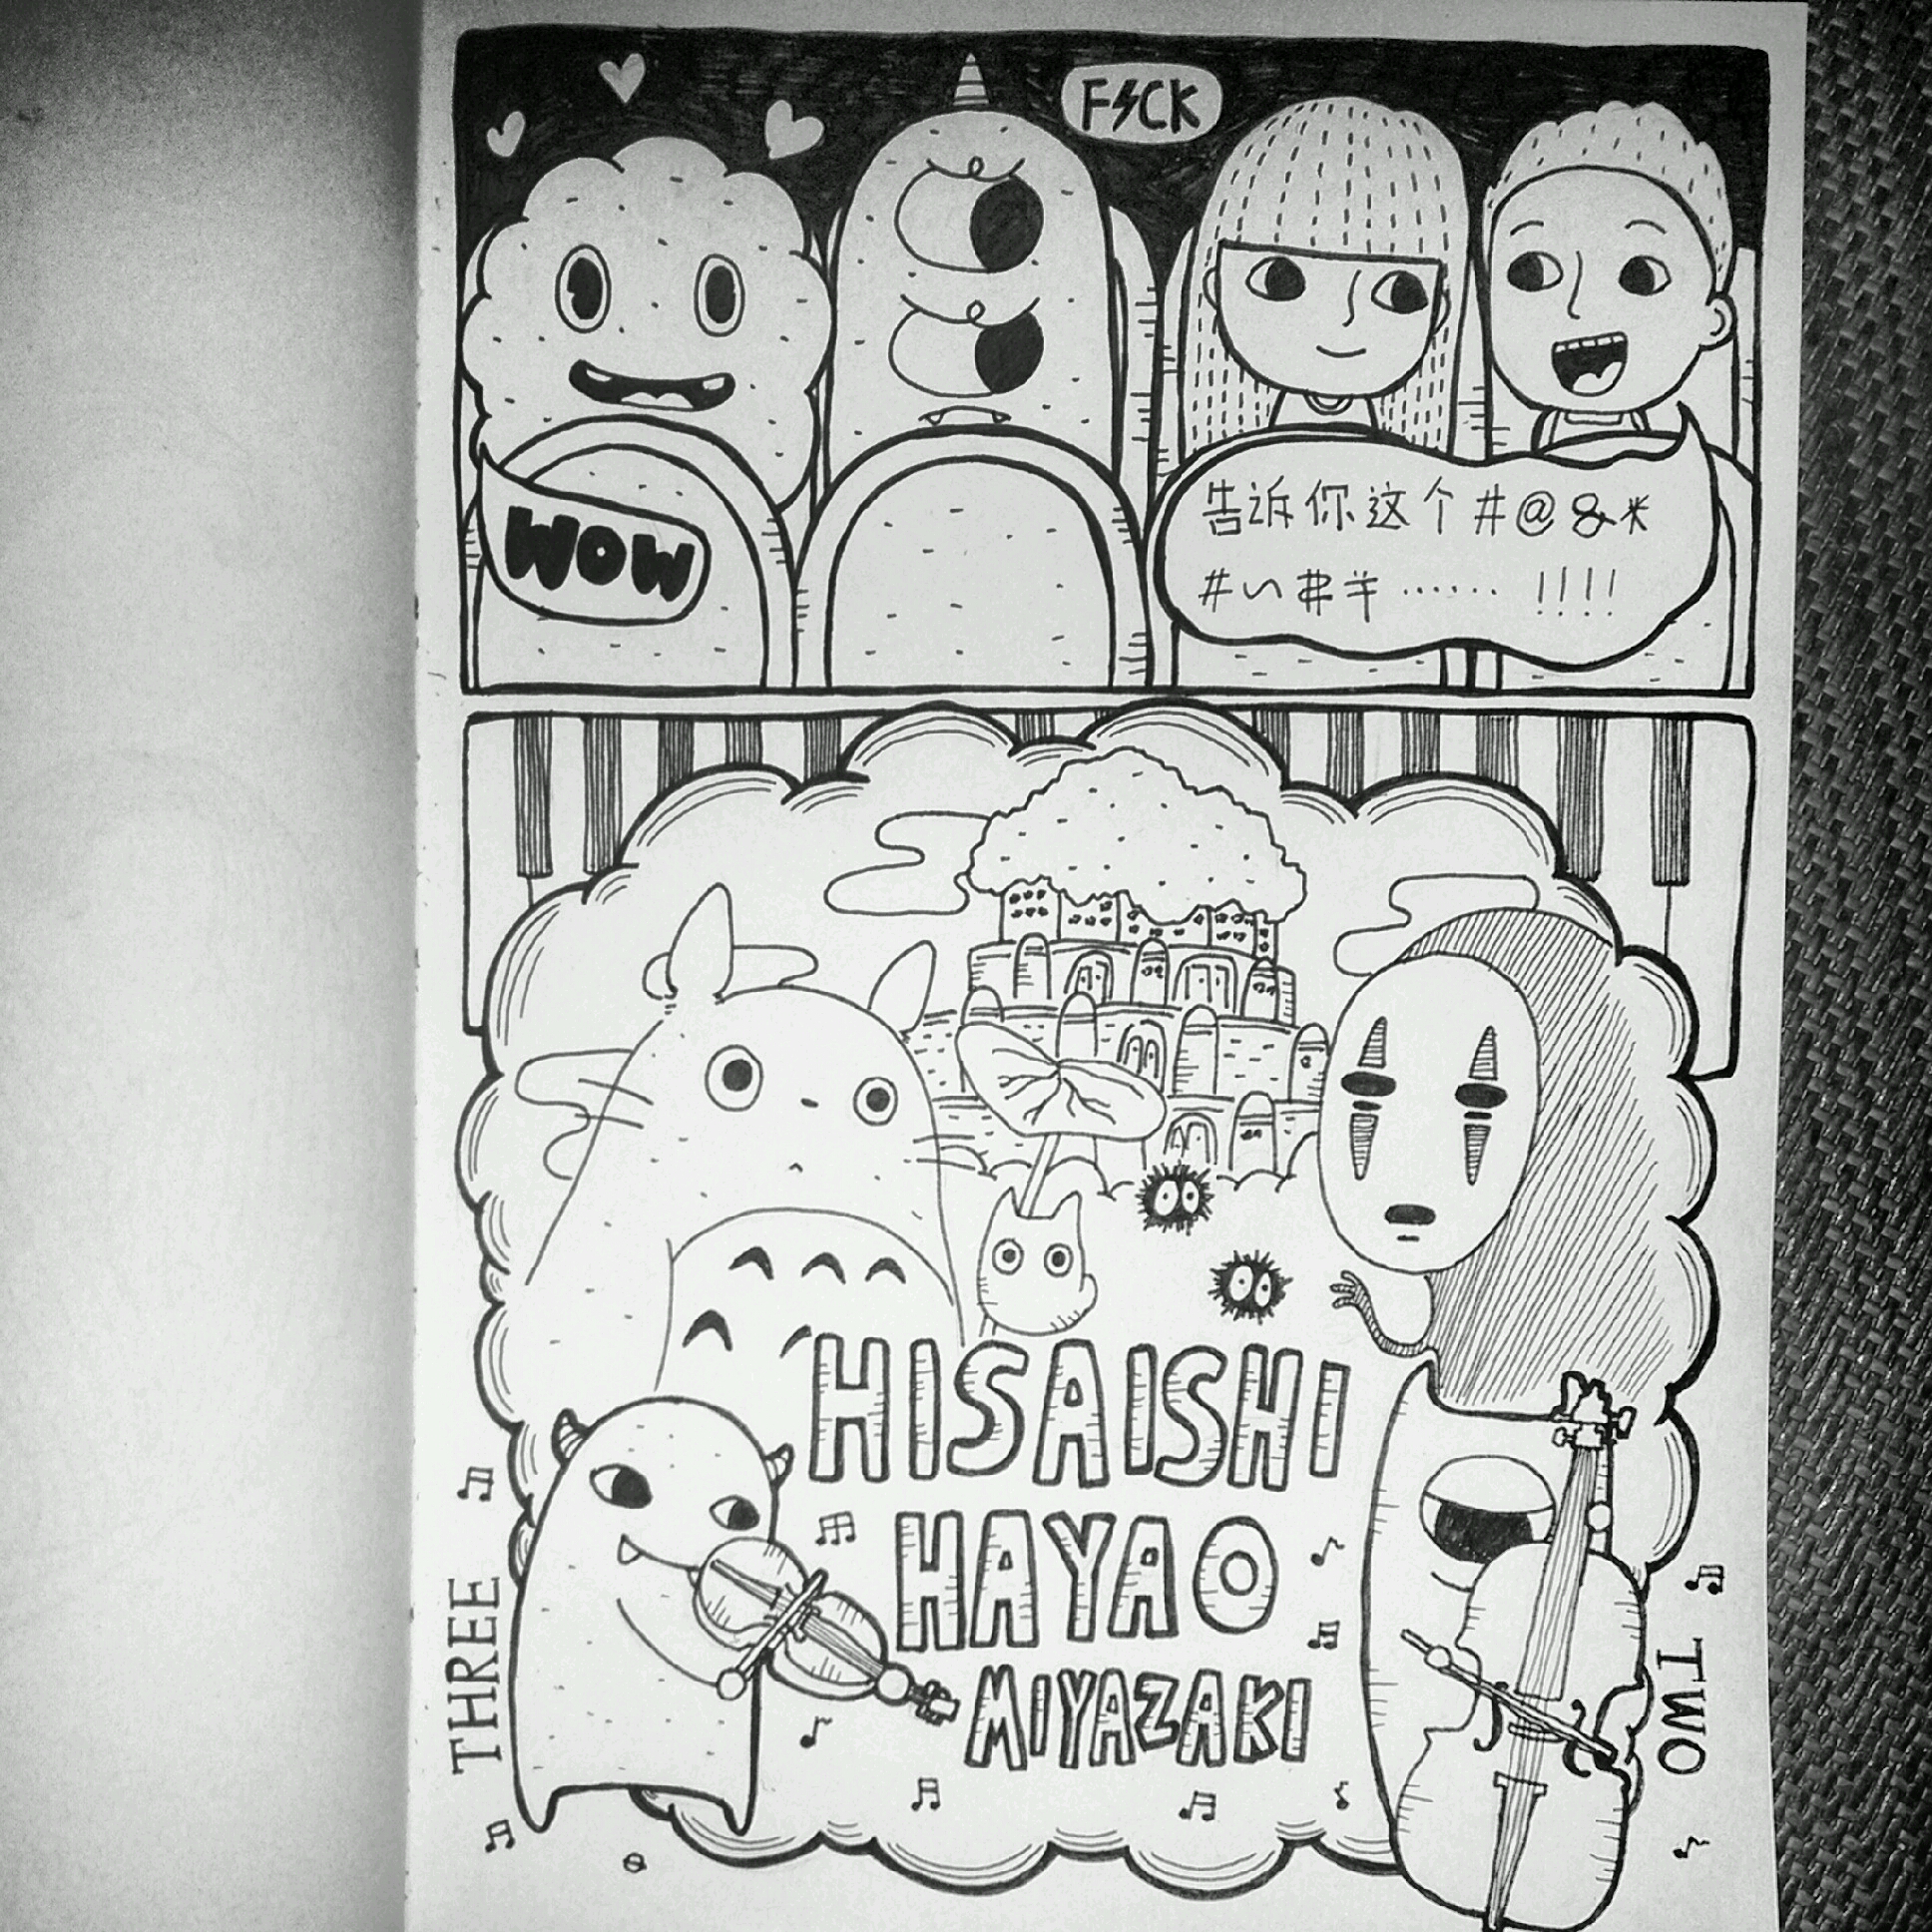 手绘日记|插画|涂鸦/潮流|minorplanet - 原创作品